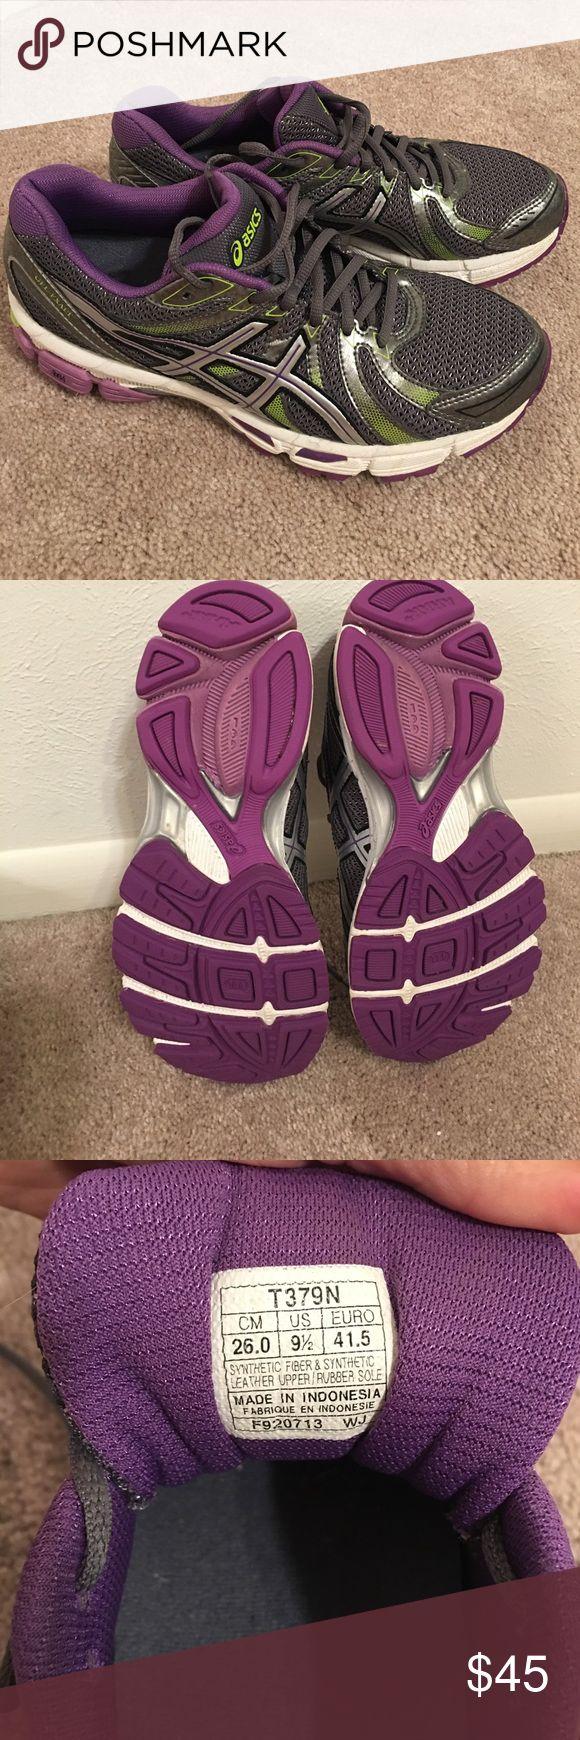 Asics EXCELLENT condition!  Asics size 9.5 ladies shoes. Asics Shoes Athletic Shoes